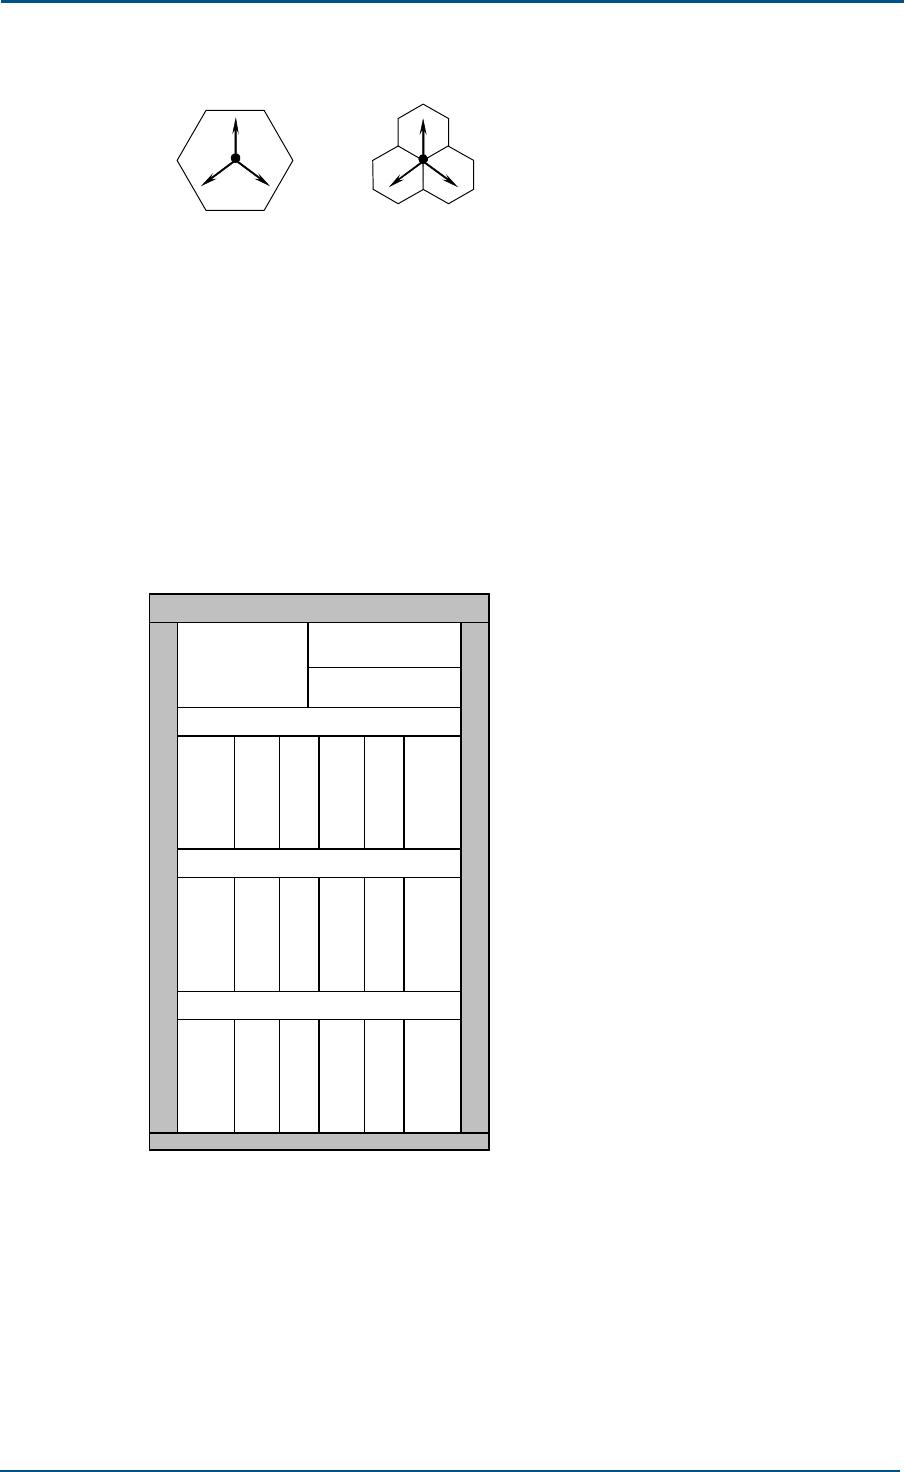 ZTE ZXG-BTS2 GSM Base Transceiver Station User Manual